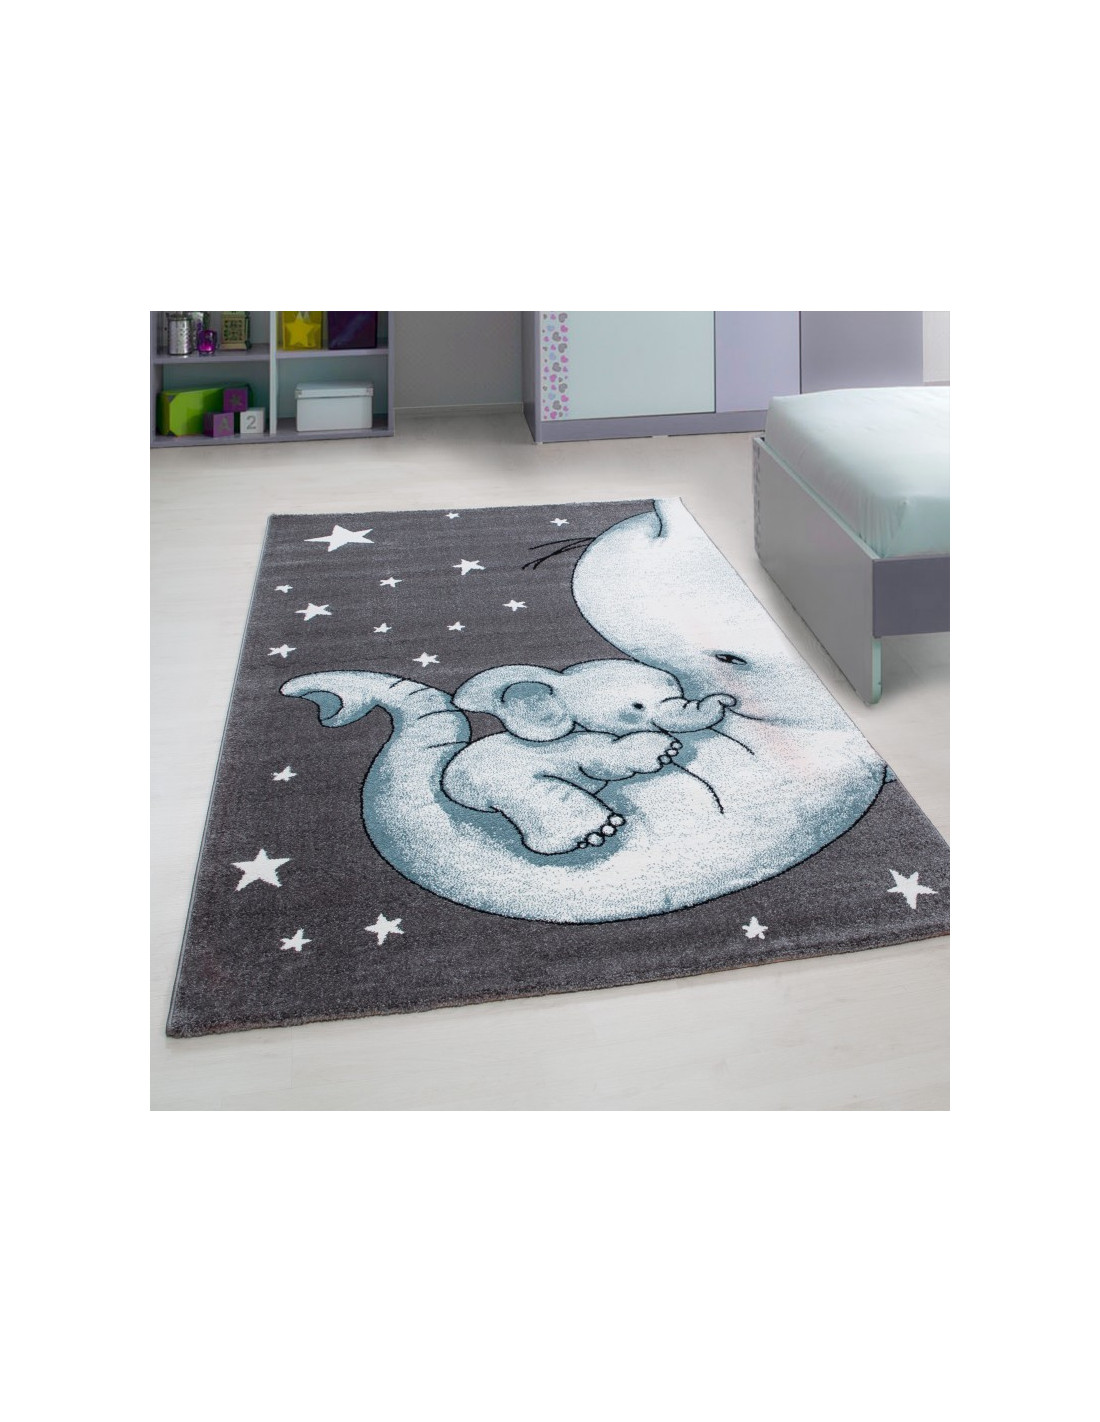 Kinderteppich Kinderzimmer Teppich mit motiven Katze Kids 560 Blue